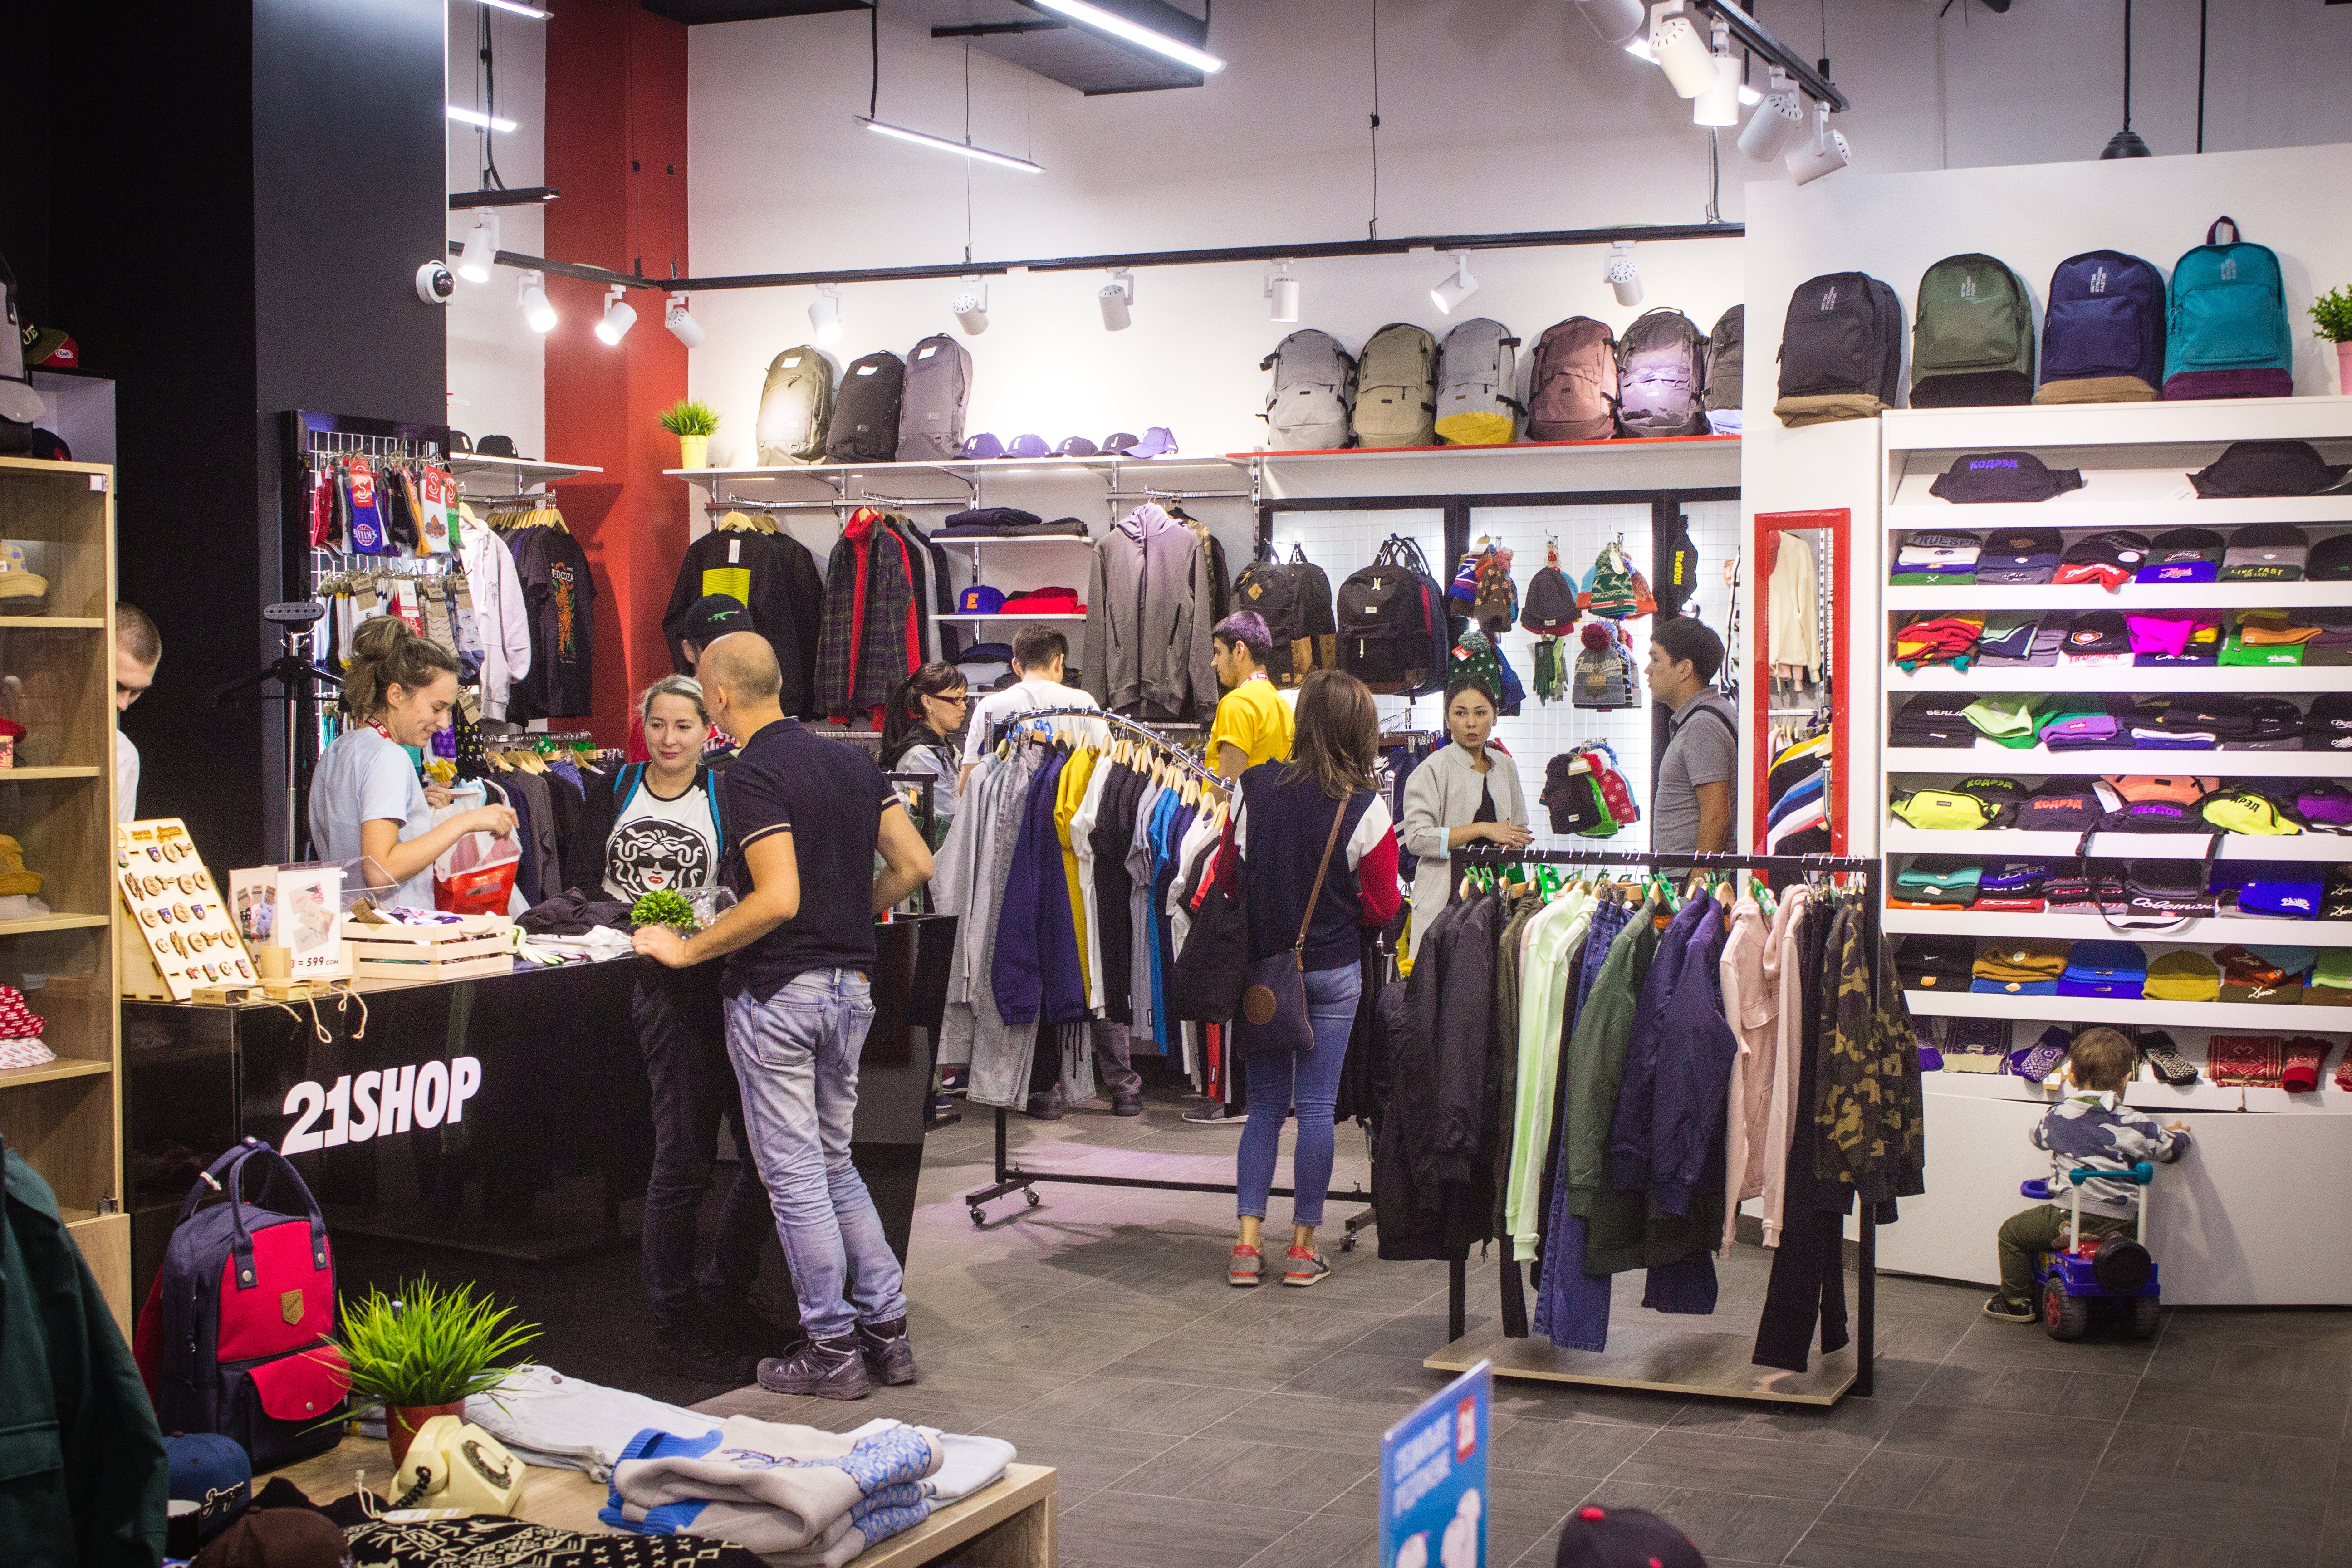 1fd6f0ad957c На протяжении более чем пятнадцати лет, мы стремимся к постоянному  развитию, привозим новые бренды, открываем магазины и стараемся обеспечить  лучший ...